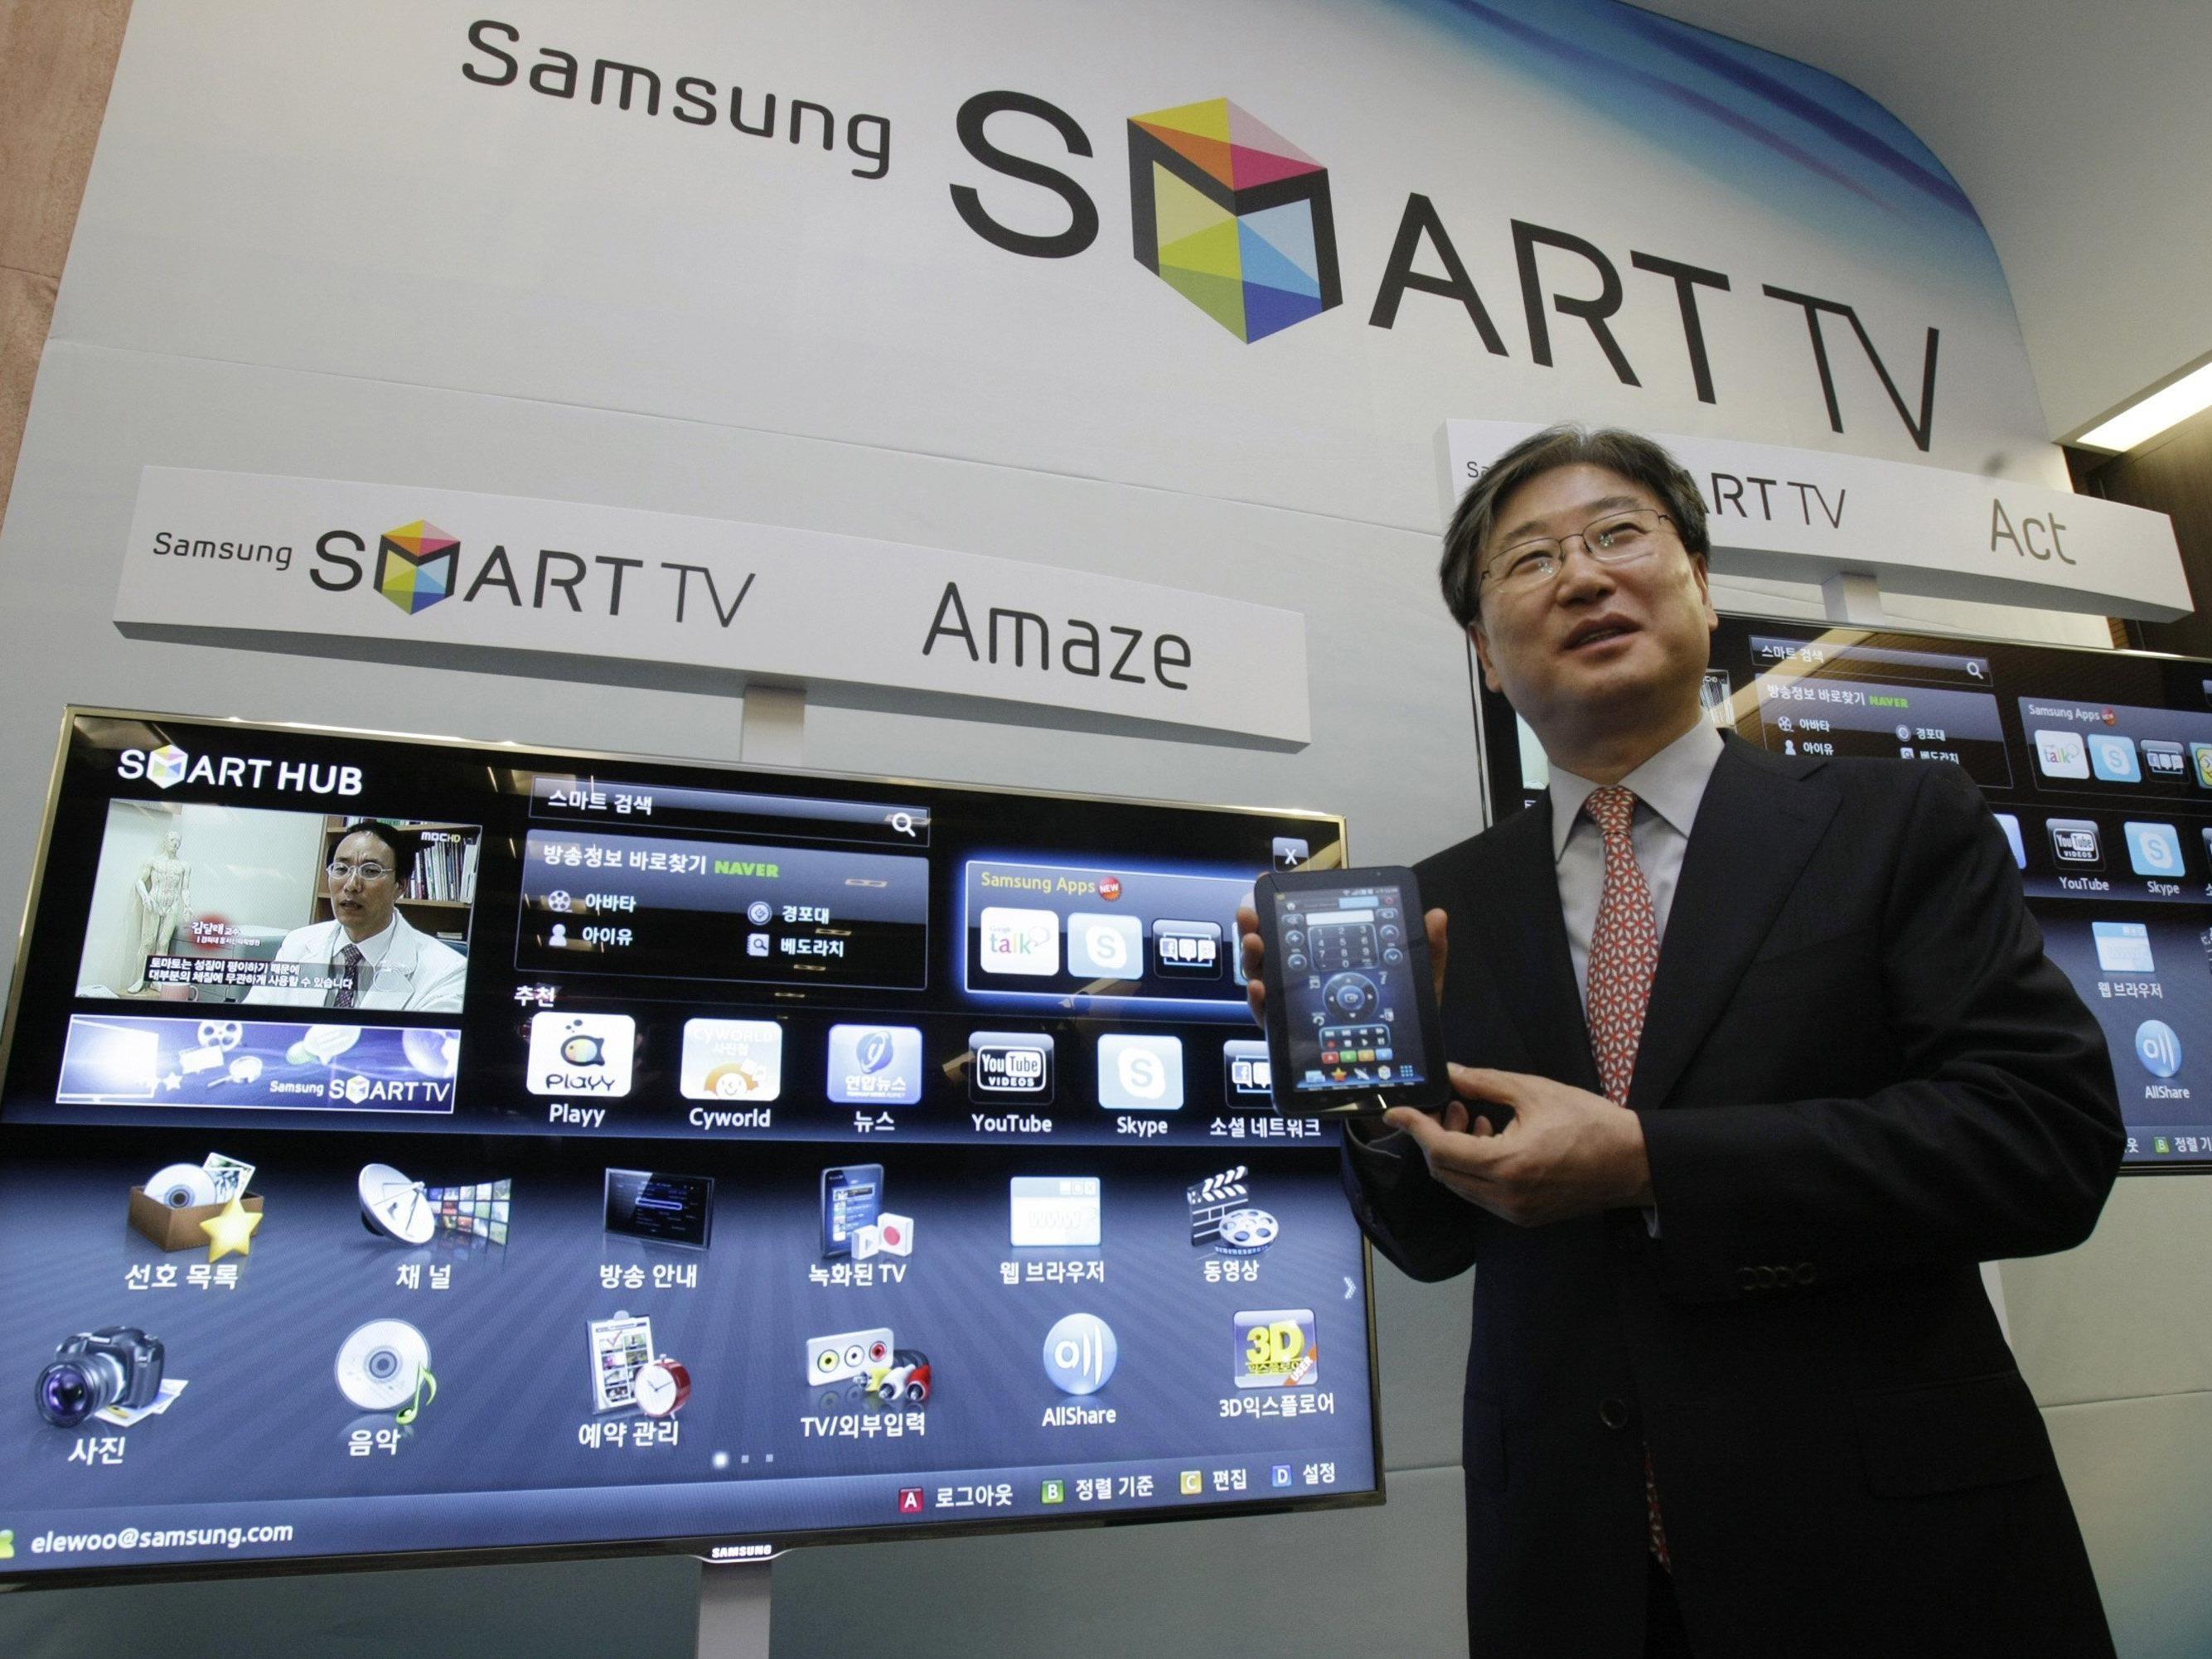 Durch ein verunglücktes Software-Update: Netzverbindung von Smart-TVs gekappt.